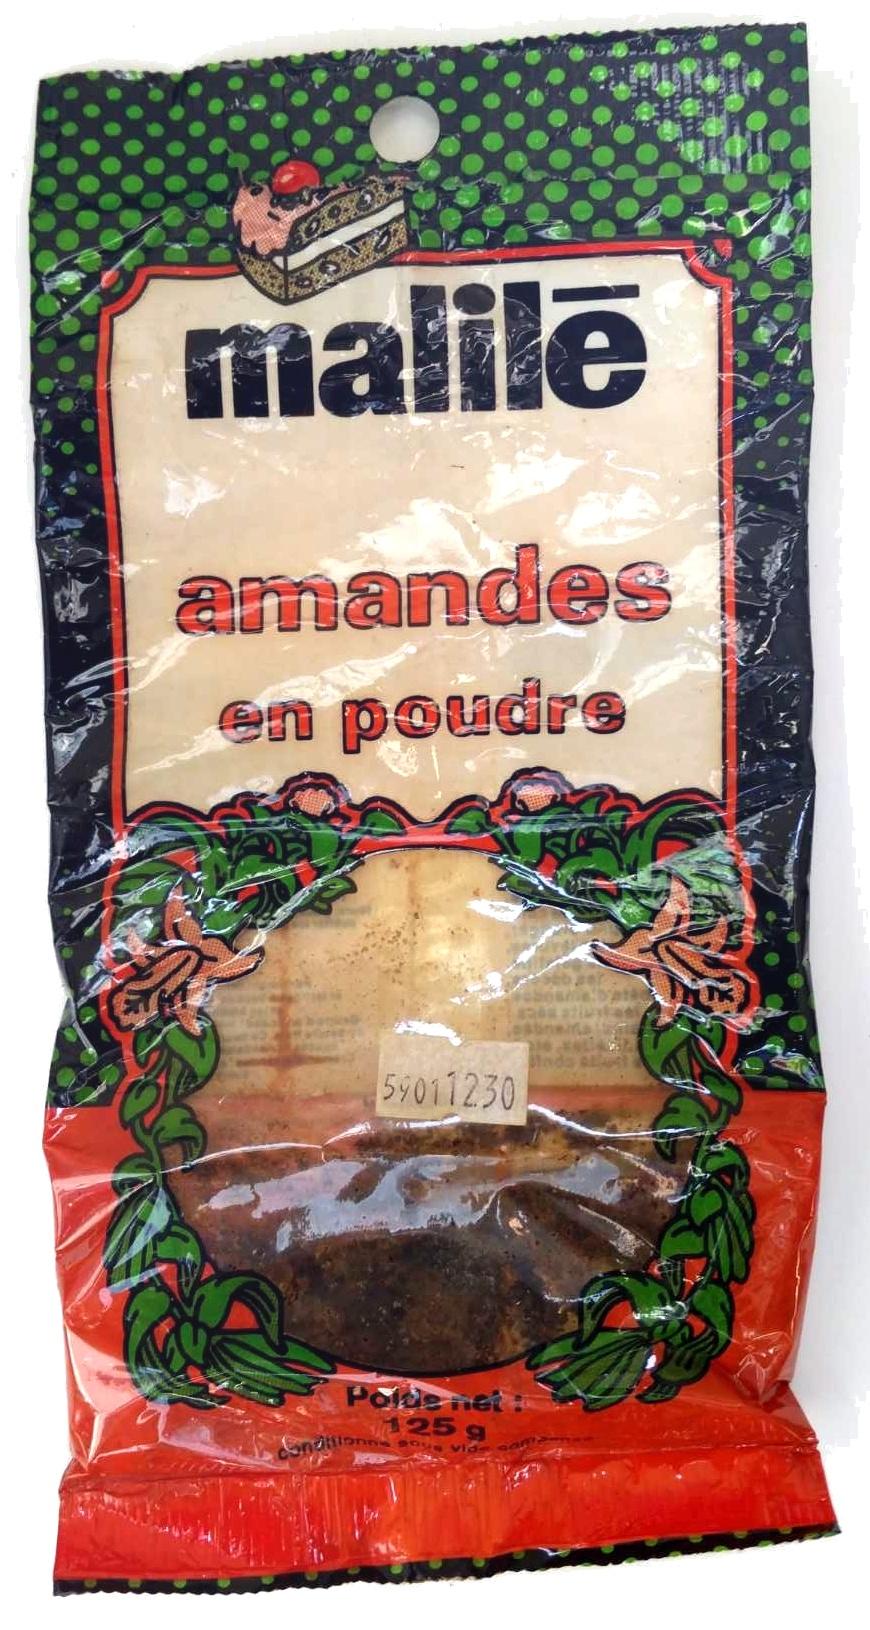 Amandes en poudre - Product - fr